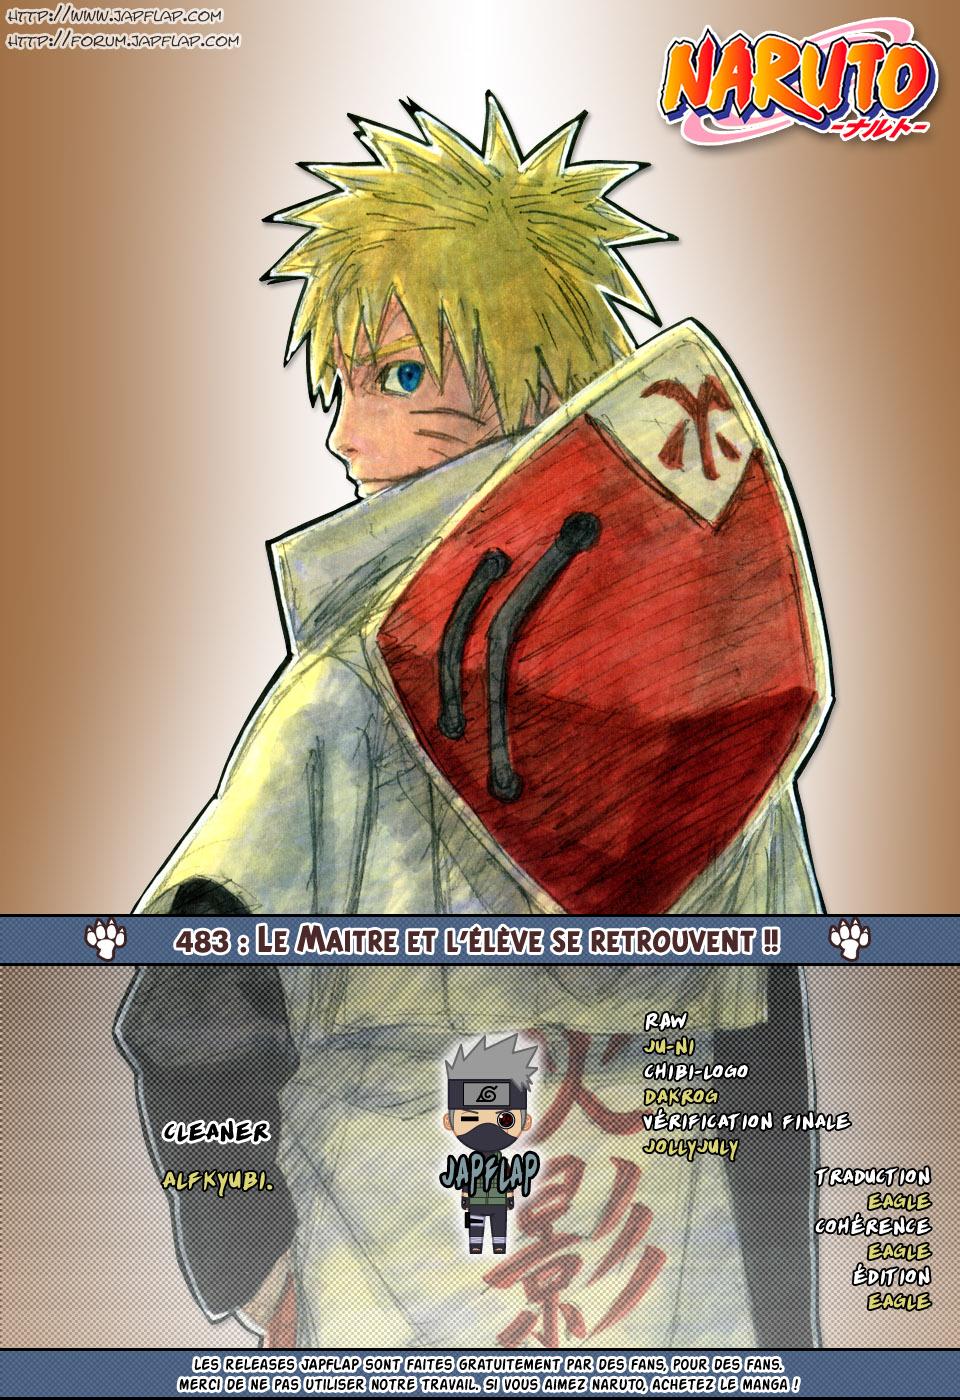 Naruto chapitre 483 - Page 18